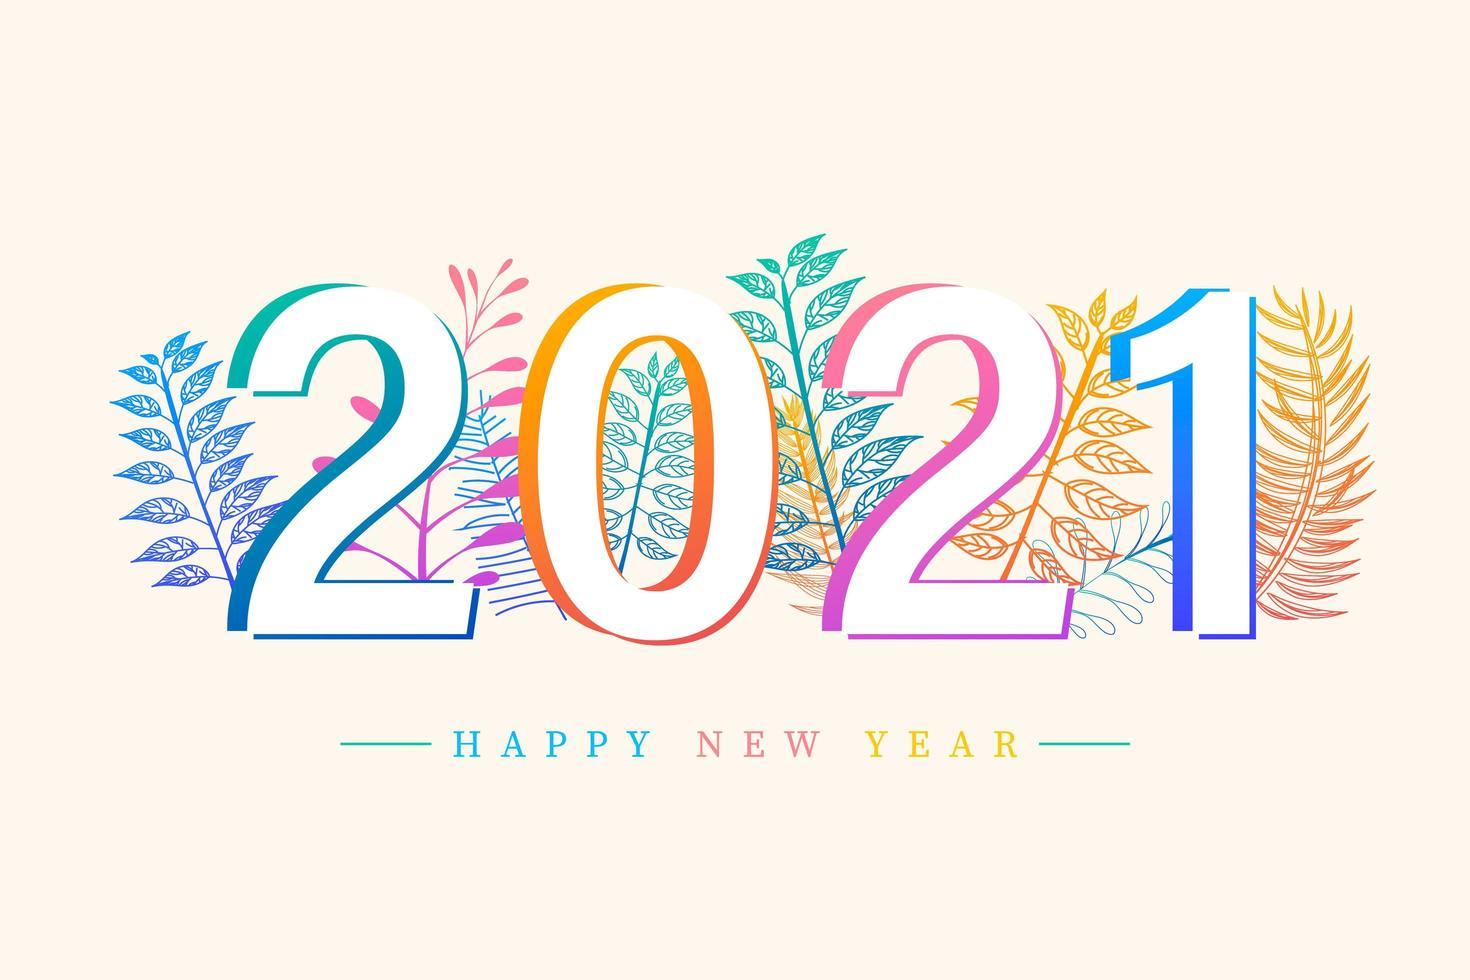 frohes neues Jahr 2021 vektor